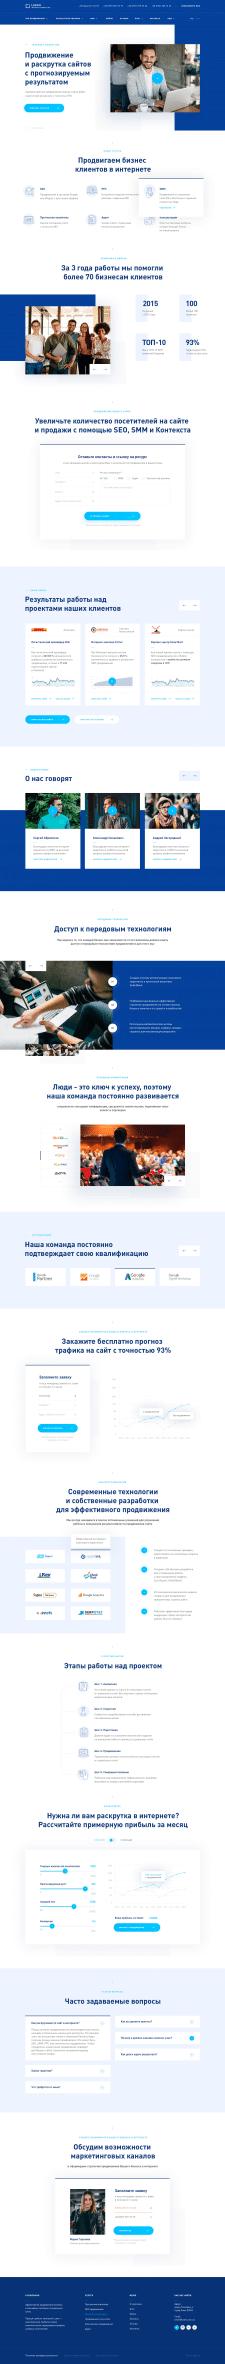 Luxeo | Corporate website